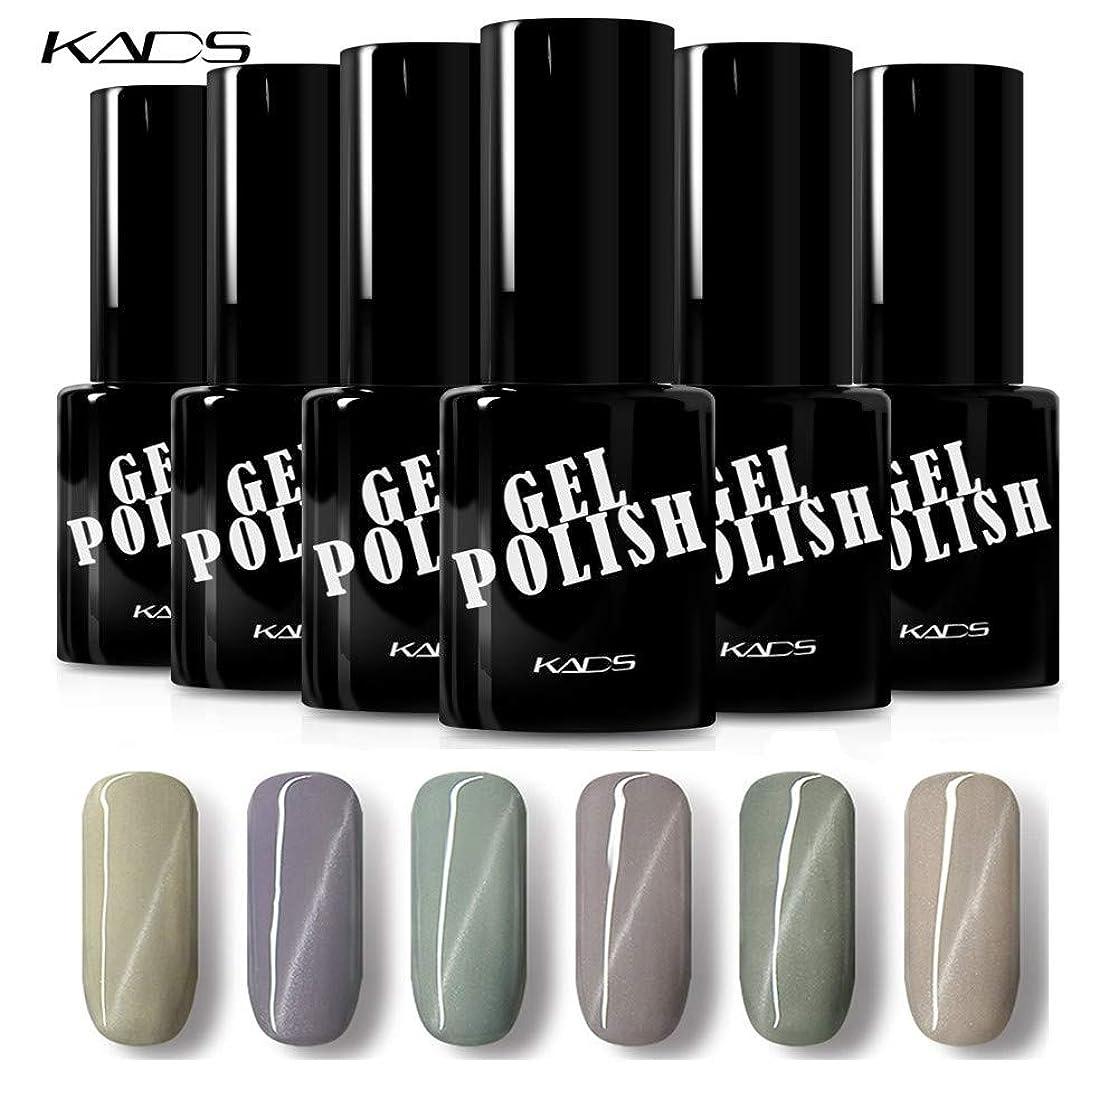 検出する突然のミッションKADS キャッツアイジェルネイルカラー 6色入り グリーン/グレー系 ジェルネイルカラーポリッシュ UV/LED対応 マニキュアセット(セット7)